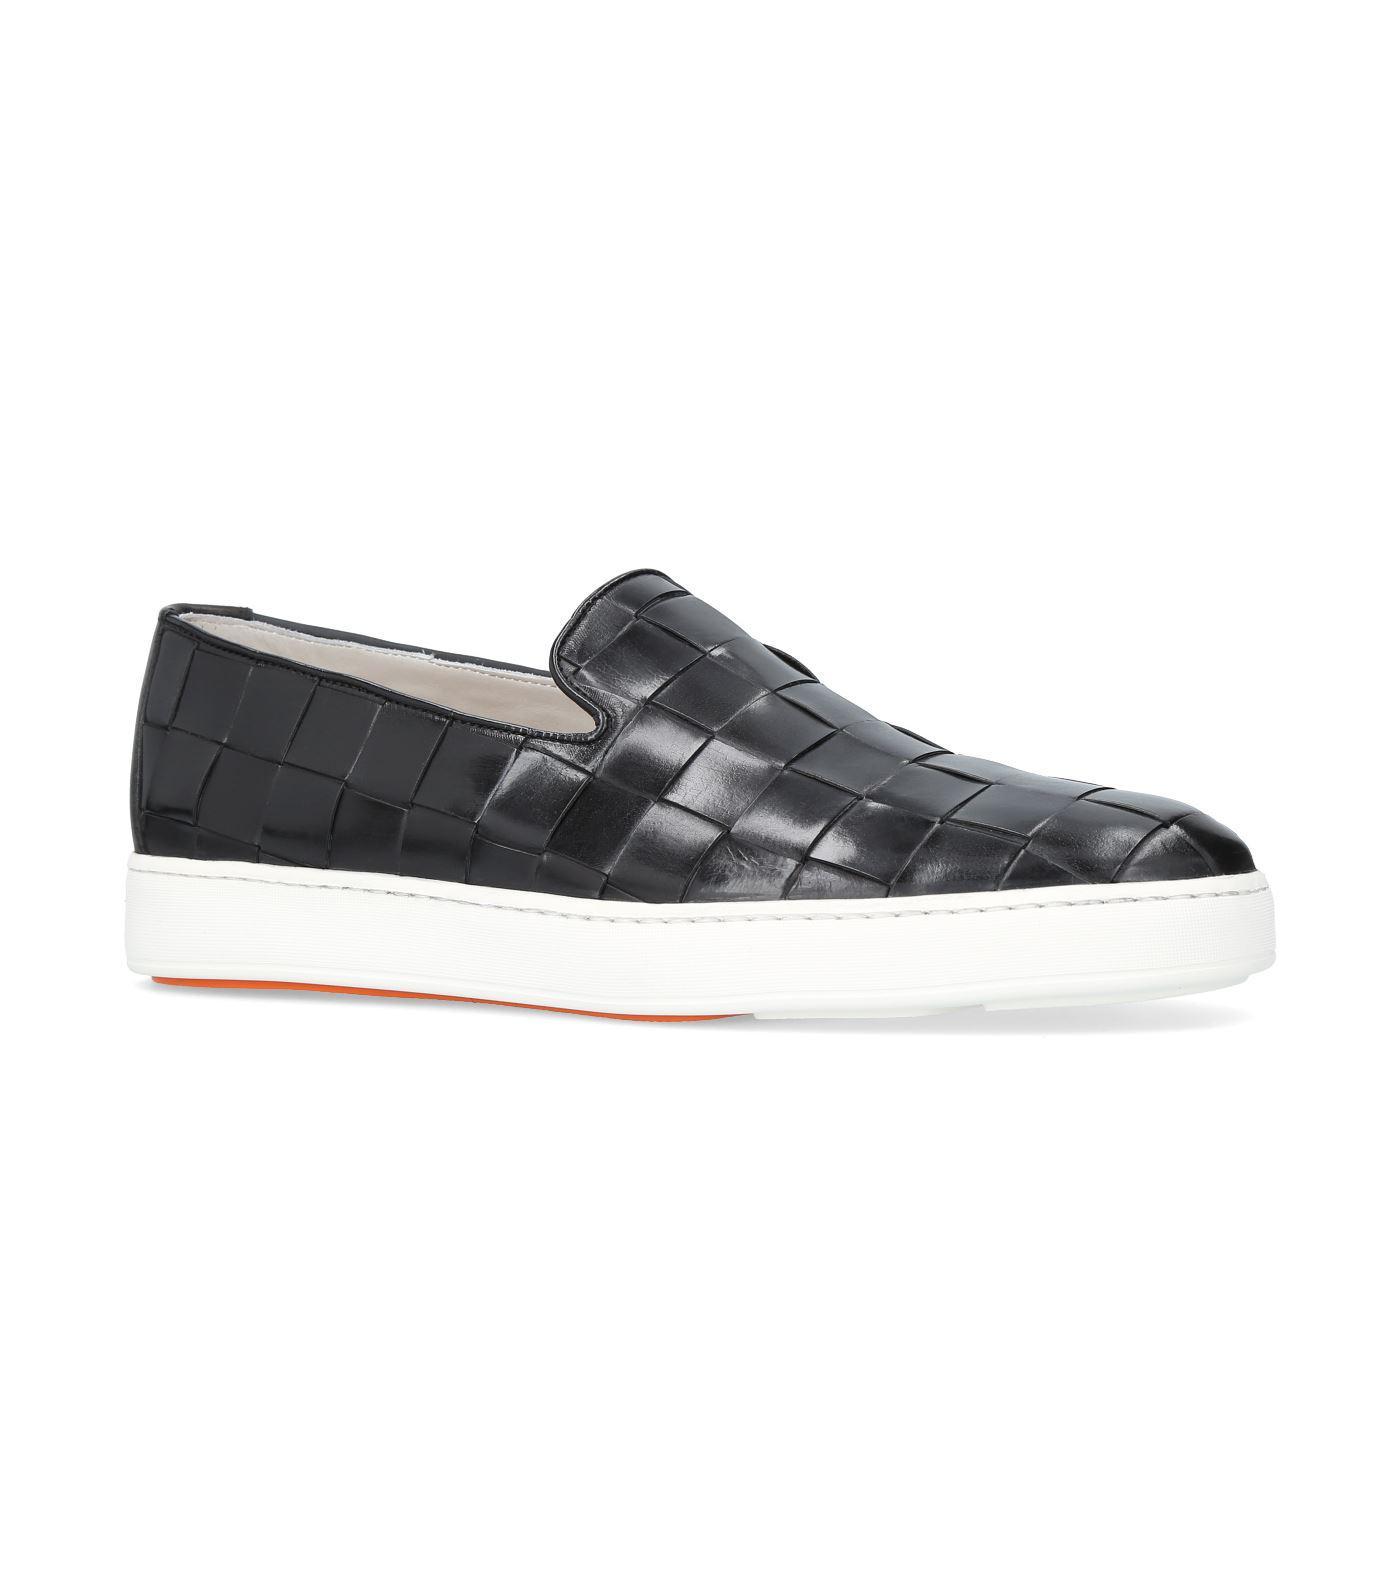 Santoni Leather Cleanic Slip-on